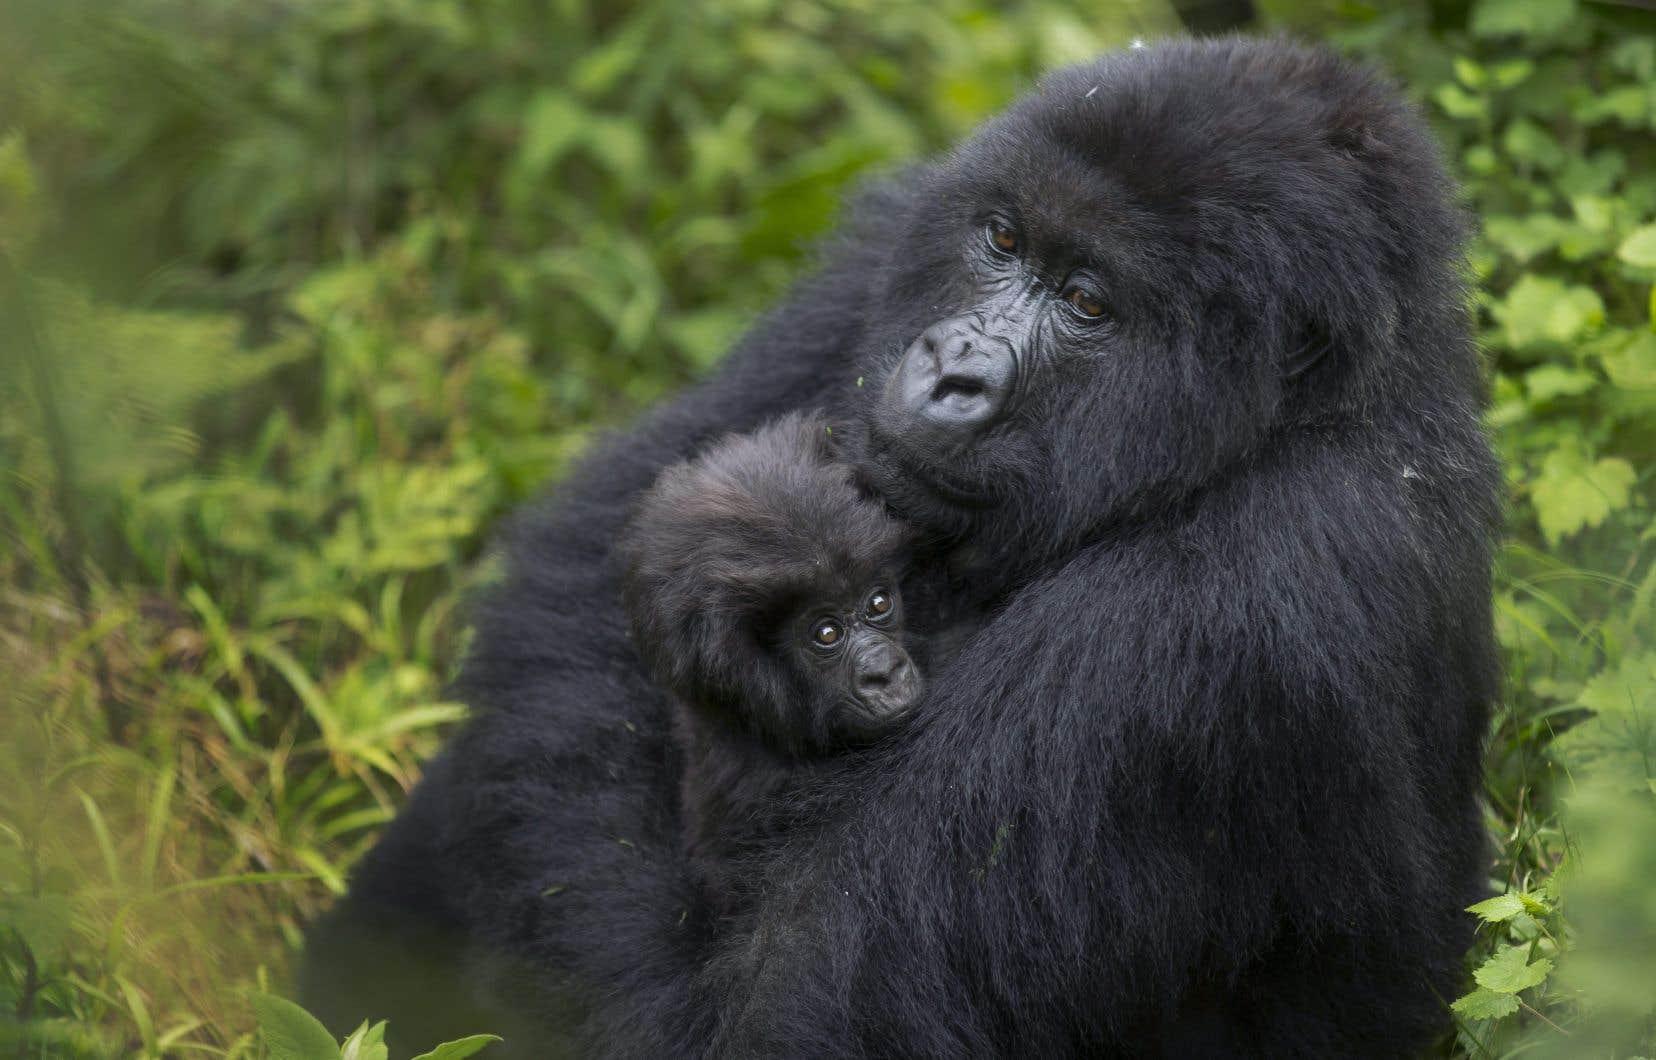 Cette mise à jour de la Liste Rouge apporte également un espoir aux gorilles des montagnes, dont le statut de conservation est passé de «en danger critique» à «en danger» grâce notamment aux patrouilles antibraconnage.